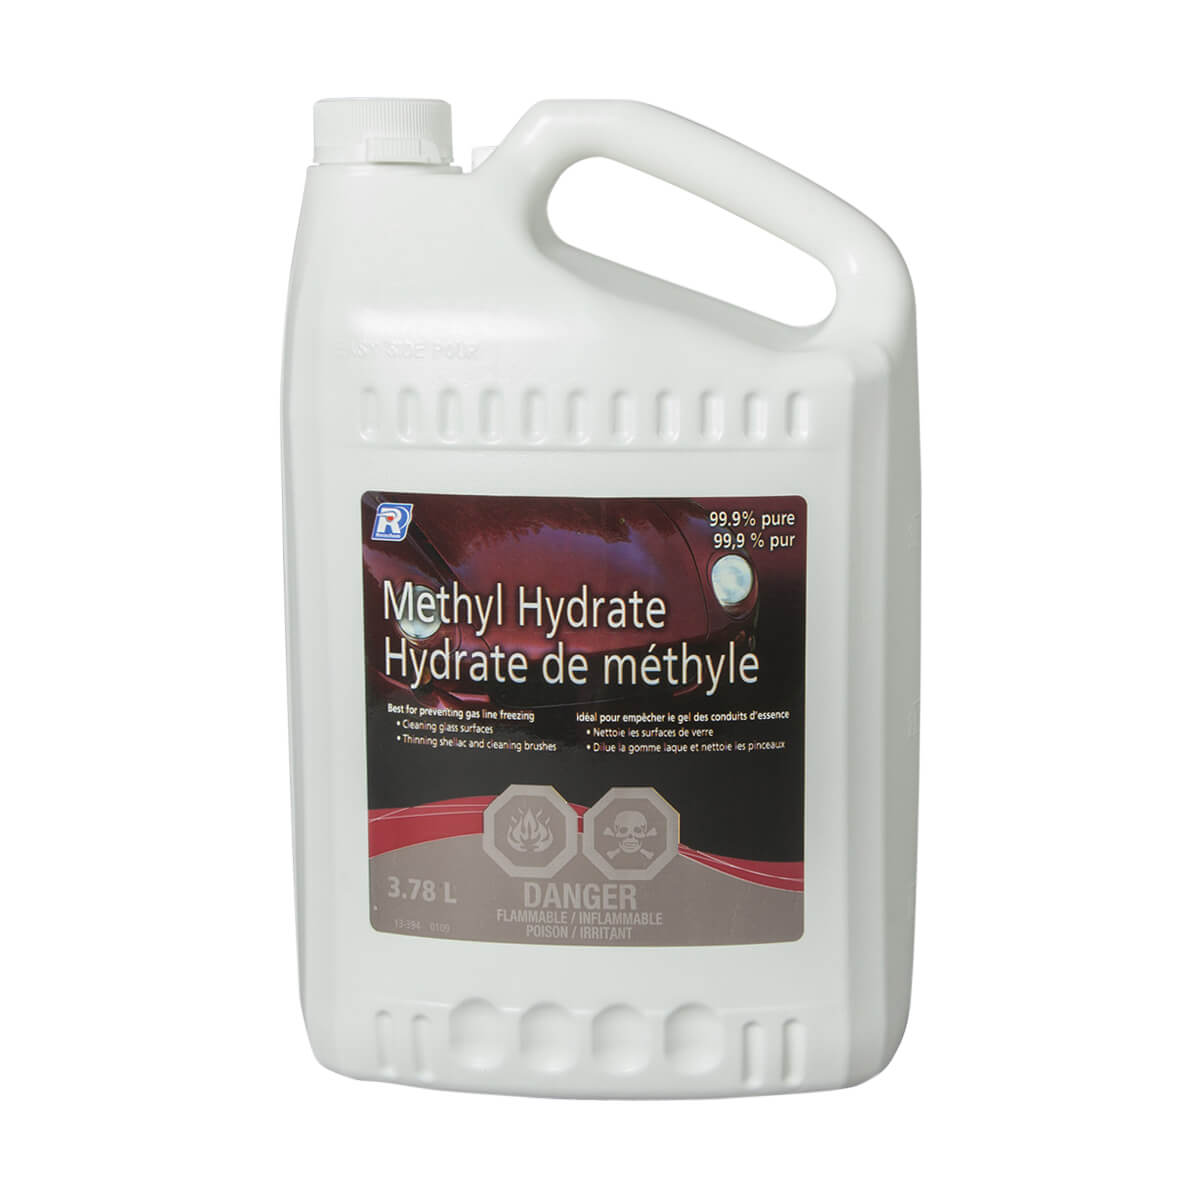 Methyl Hydrate - 3.78L